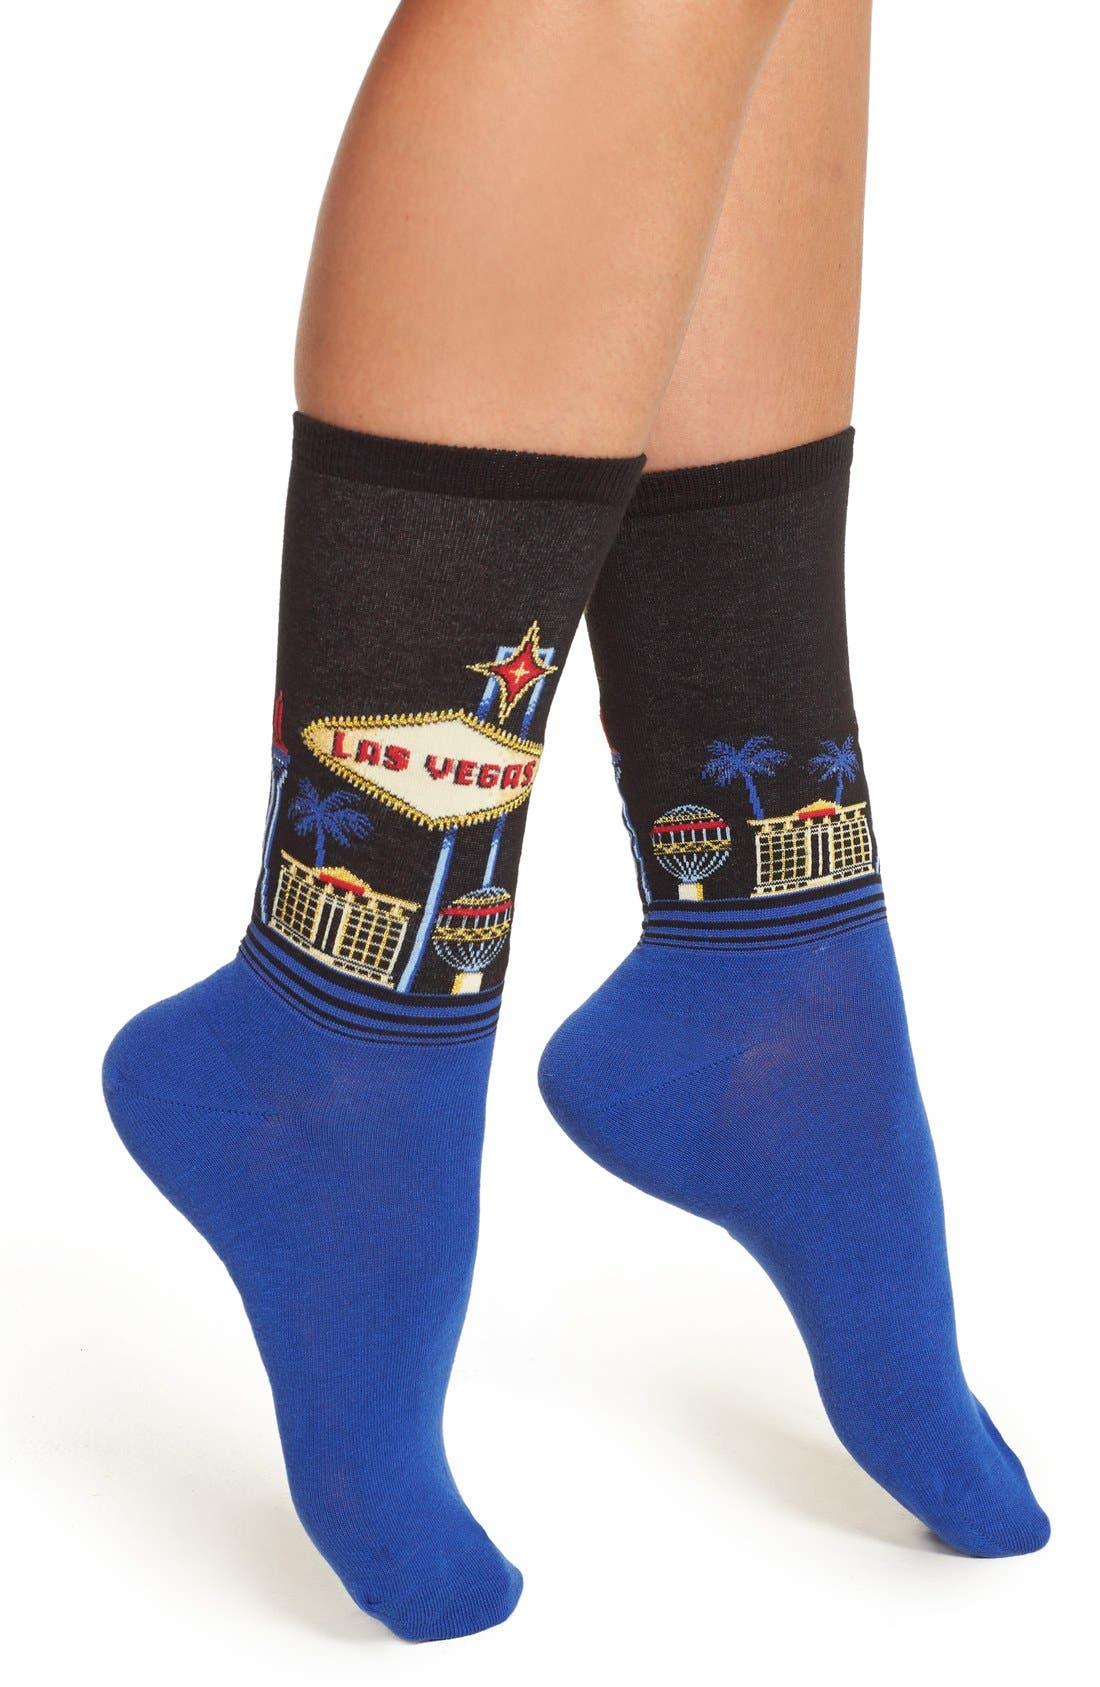 Hot Sox Las Vegas Crew Socks